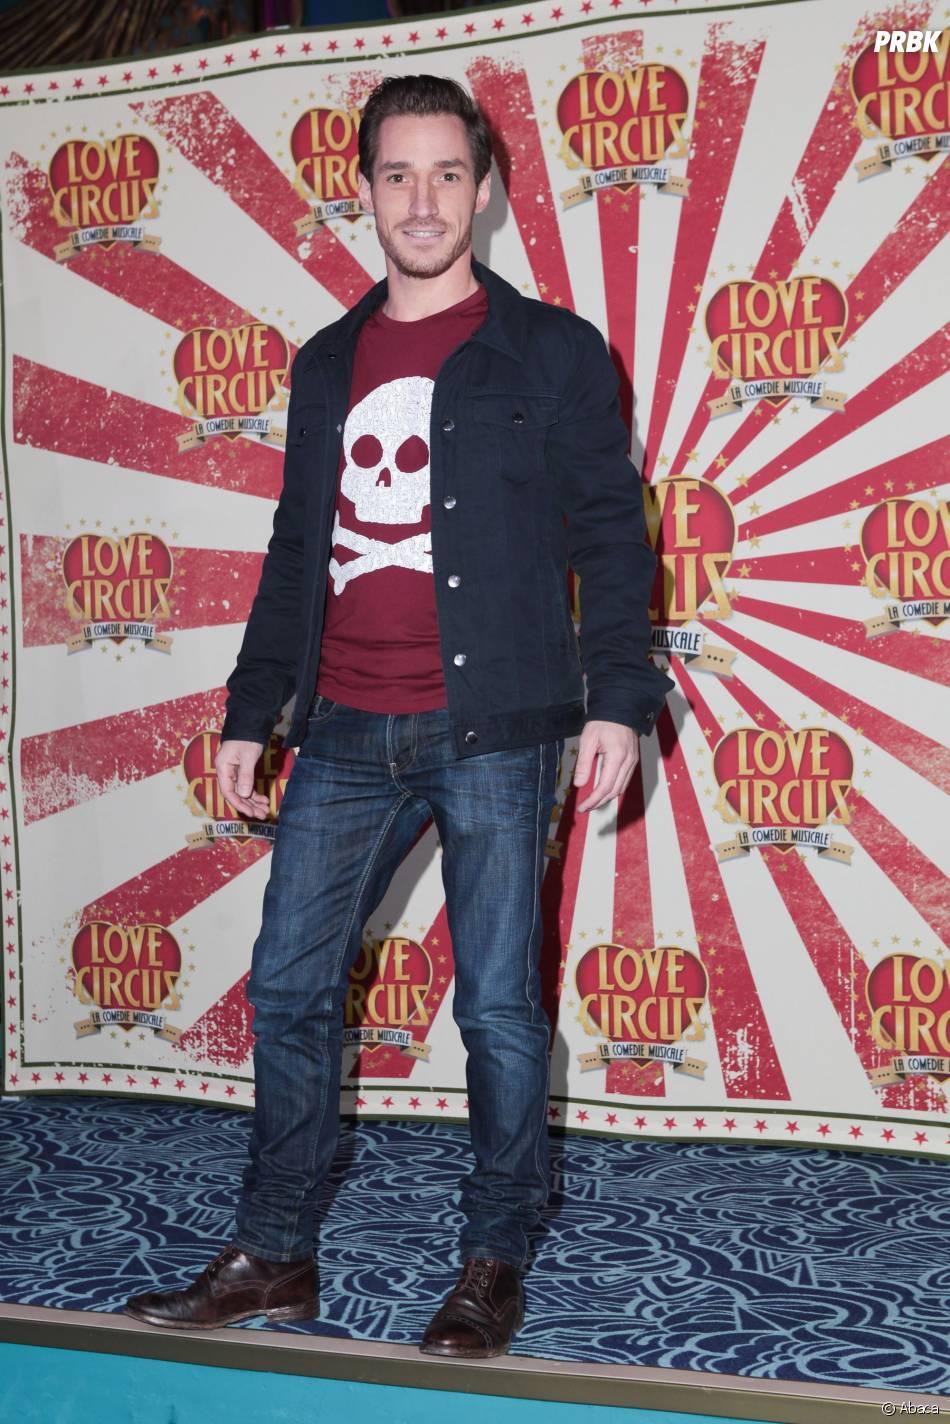 David Lantin venu soutenir la troupe de Love Circus à la première, le 28 octobre 2014, aux Folies Bergères